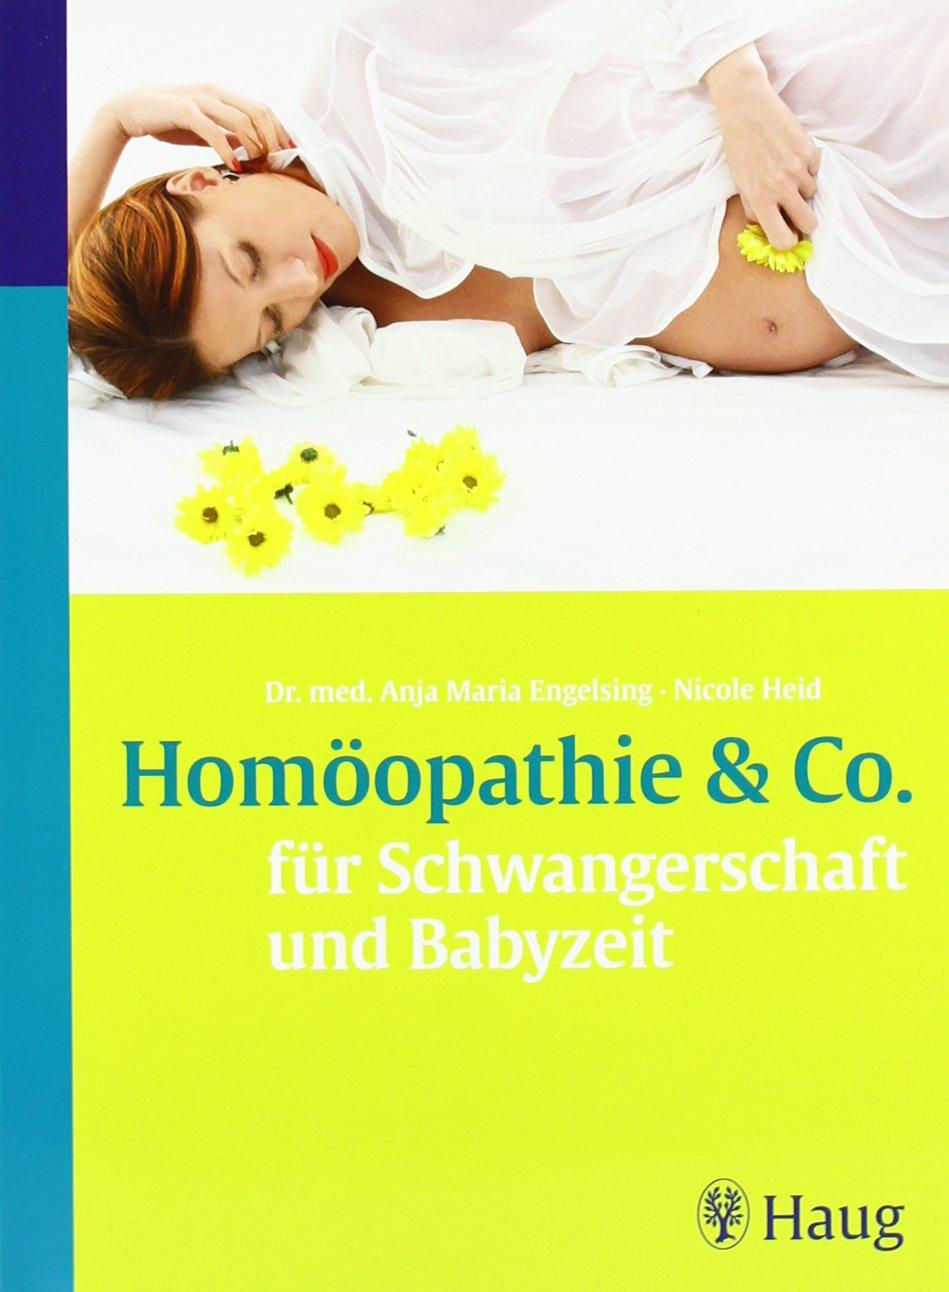 homopathie-co-fr-schwangerschaft-und-babyzeit